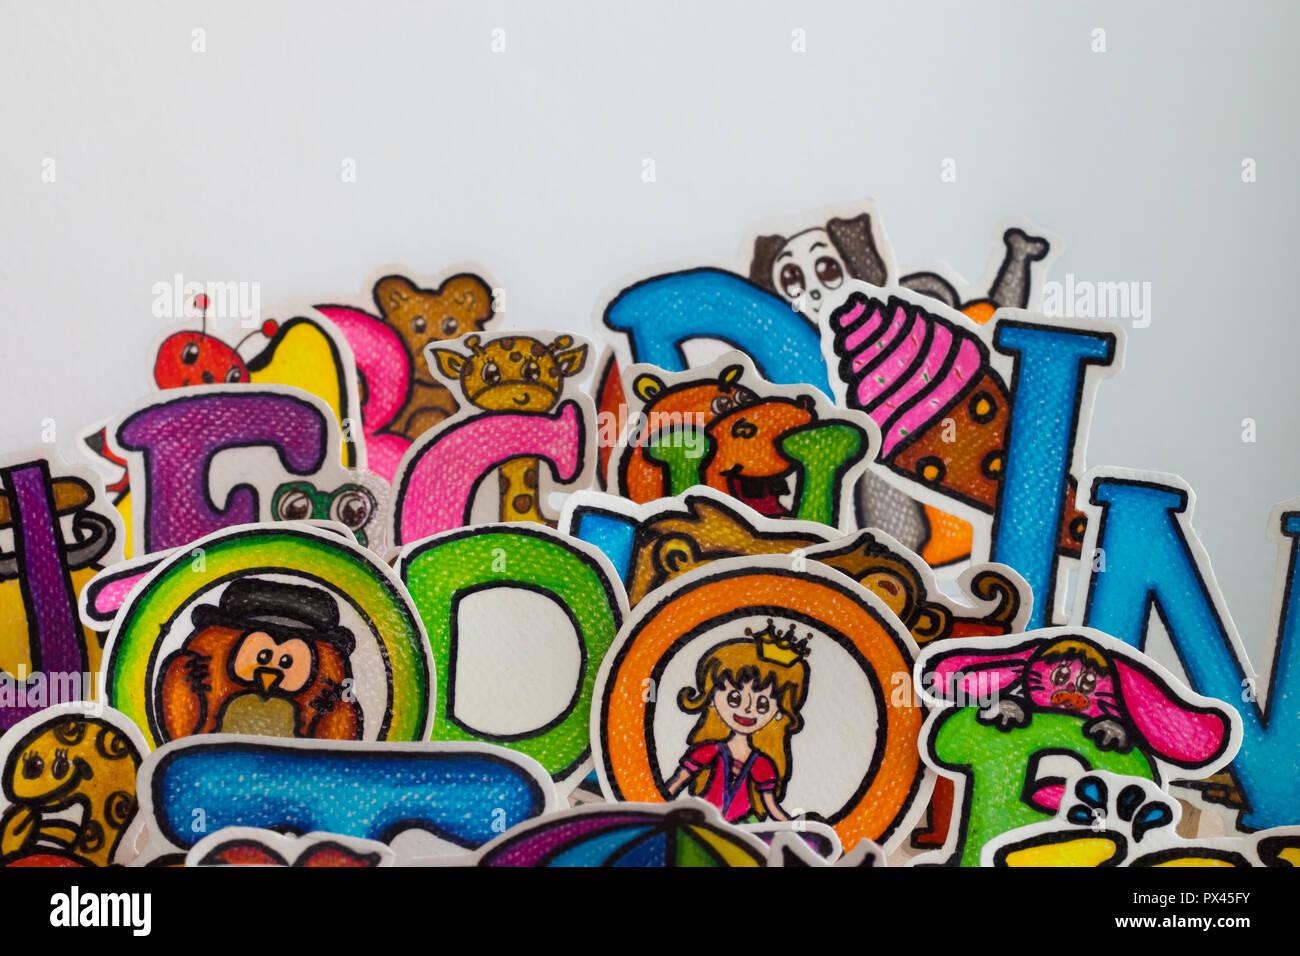 Lettere Colorate Con Cartoni Animati Foto Immagine Stock